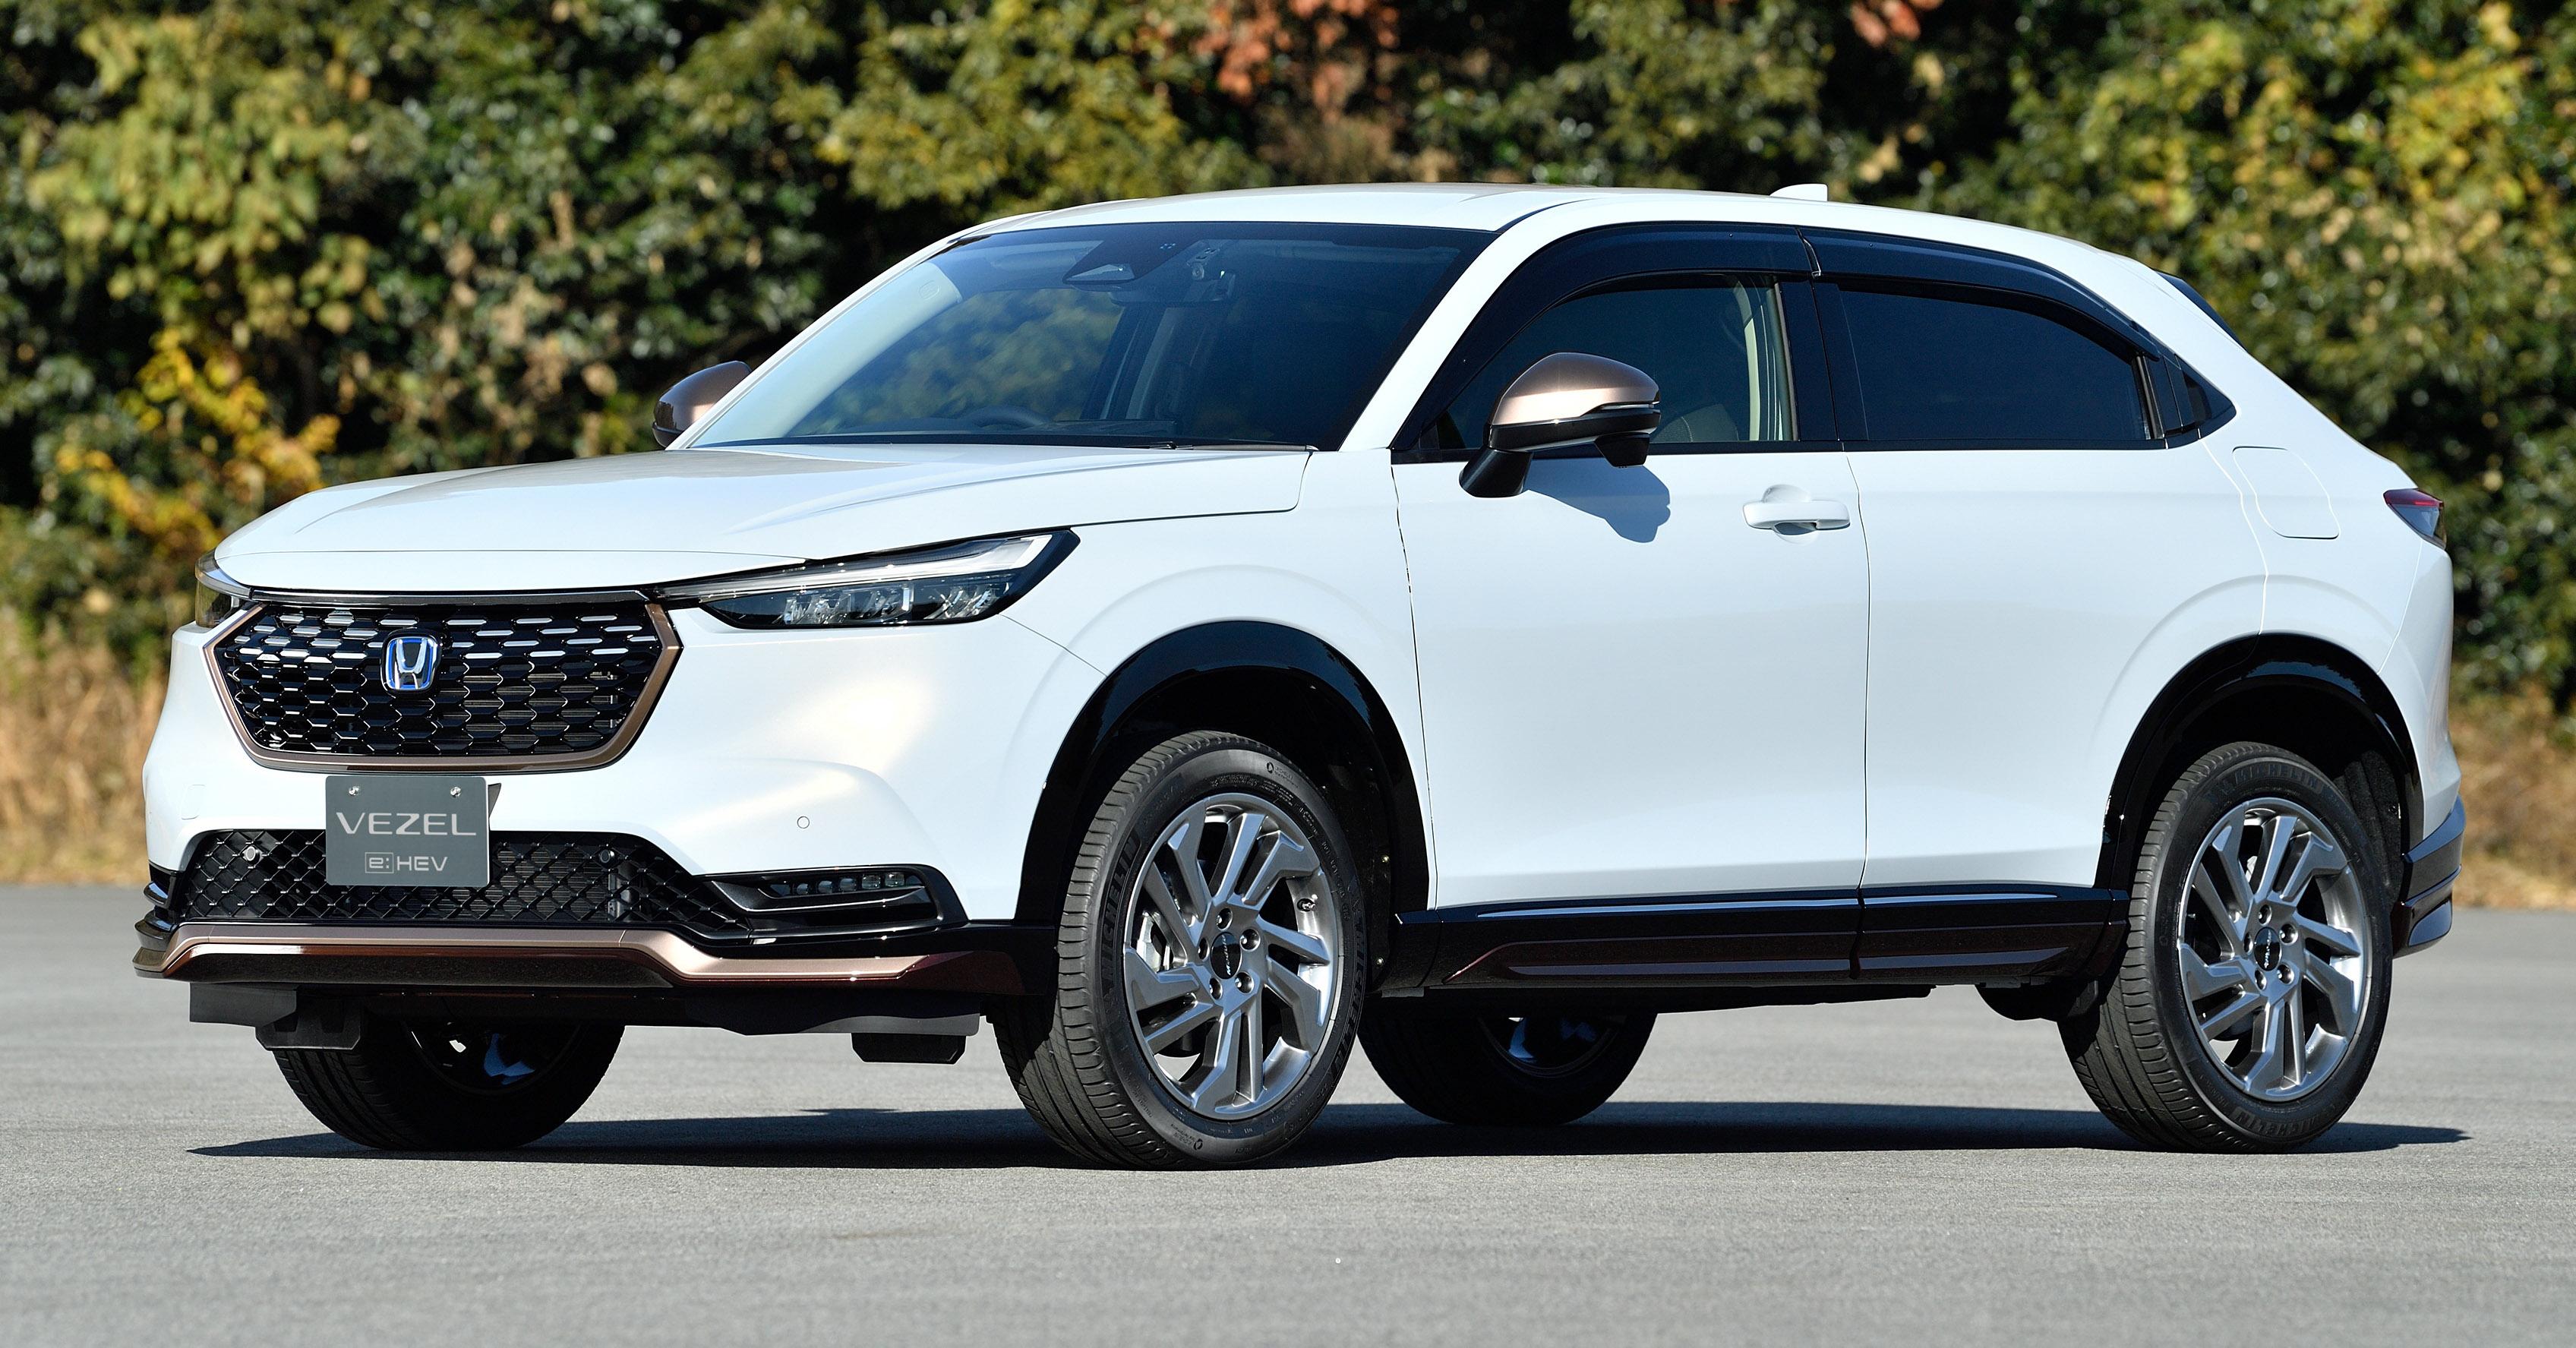 Honda HR-V 2022 ấn tượng hơn với phong cách Urban và Casual honda-hrv-2022-13.jpg